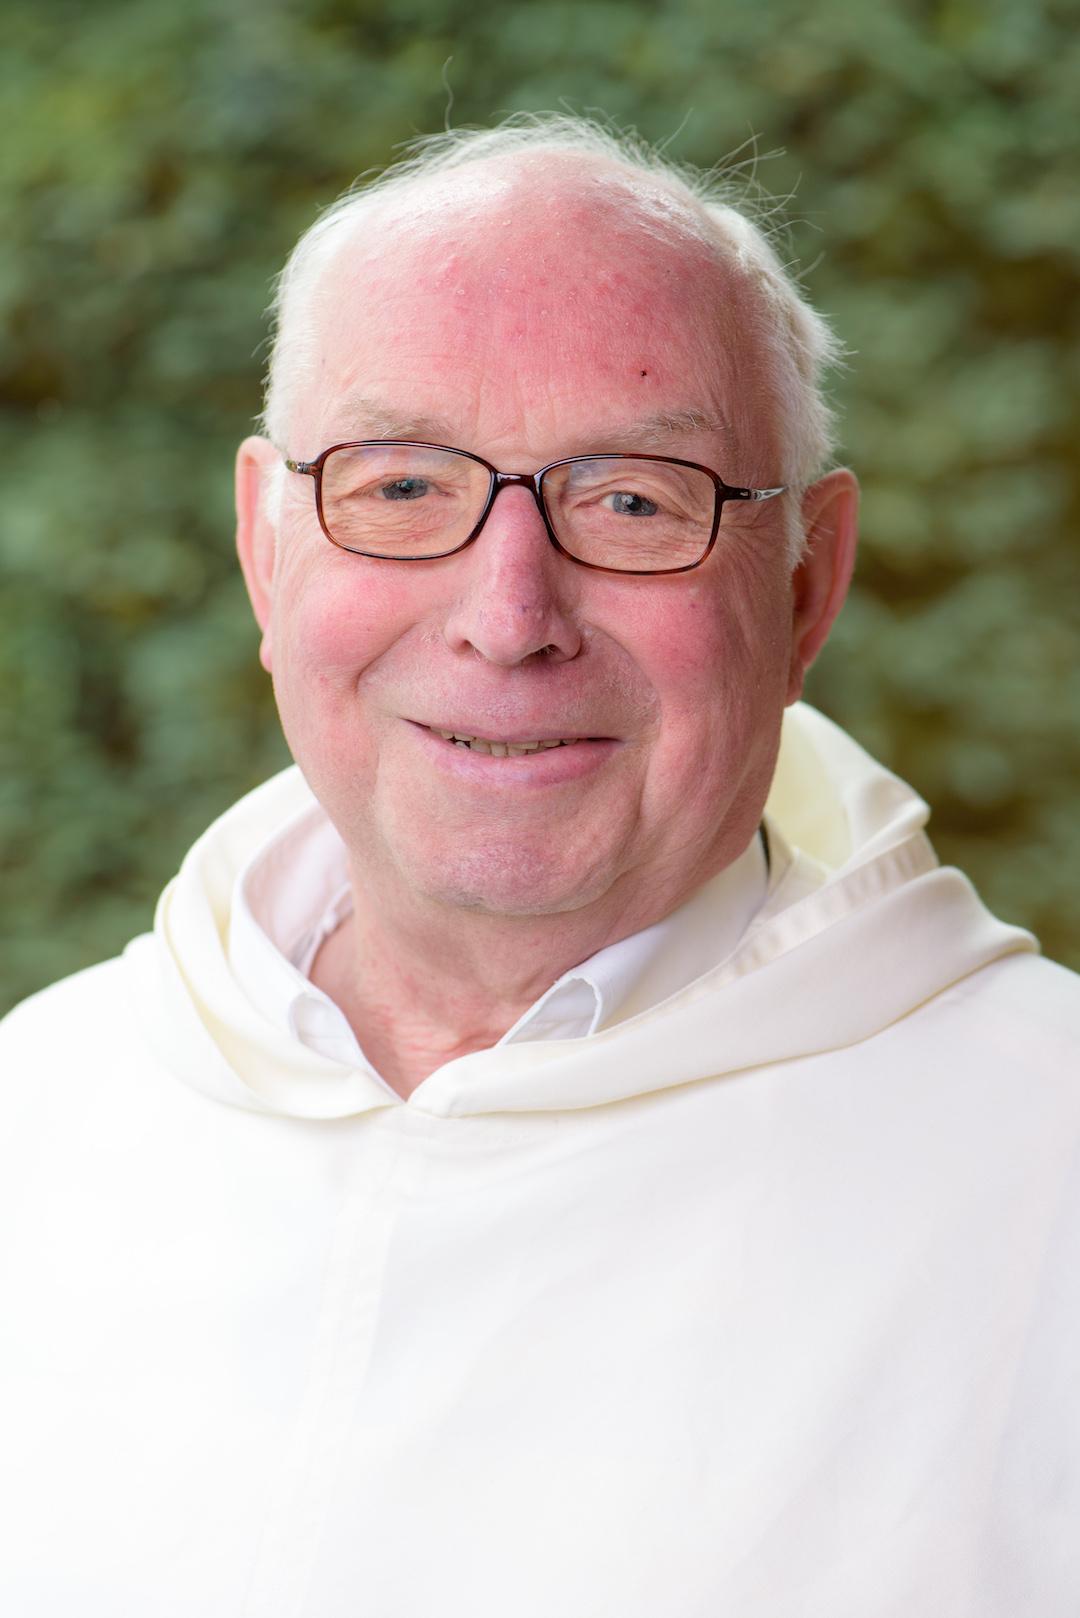 Dominikanerkonvent Vechta, Pater Norbert Hinckers